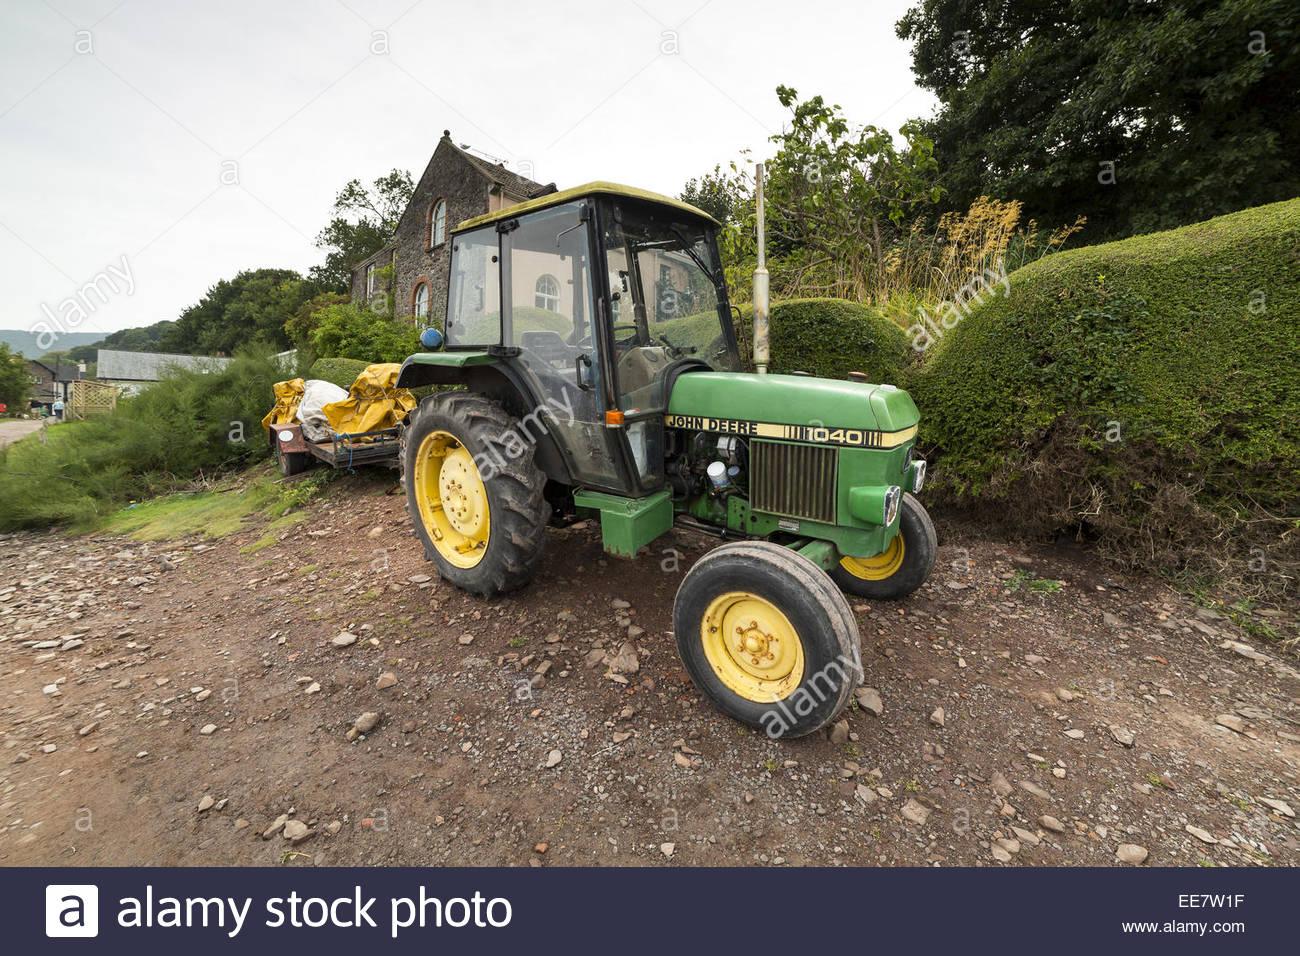 john deere tractor uk stock photos john deere tractor uk. Black Bedroom Furniture Sets. Home Design Ideas